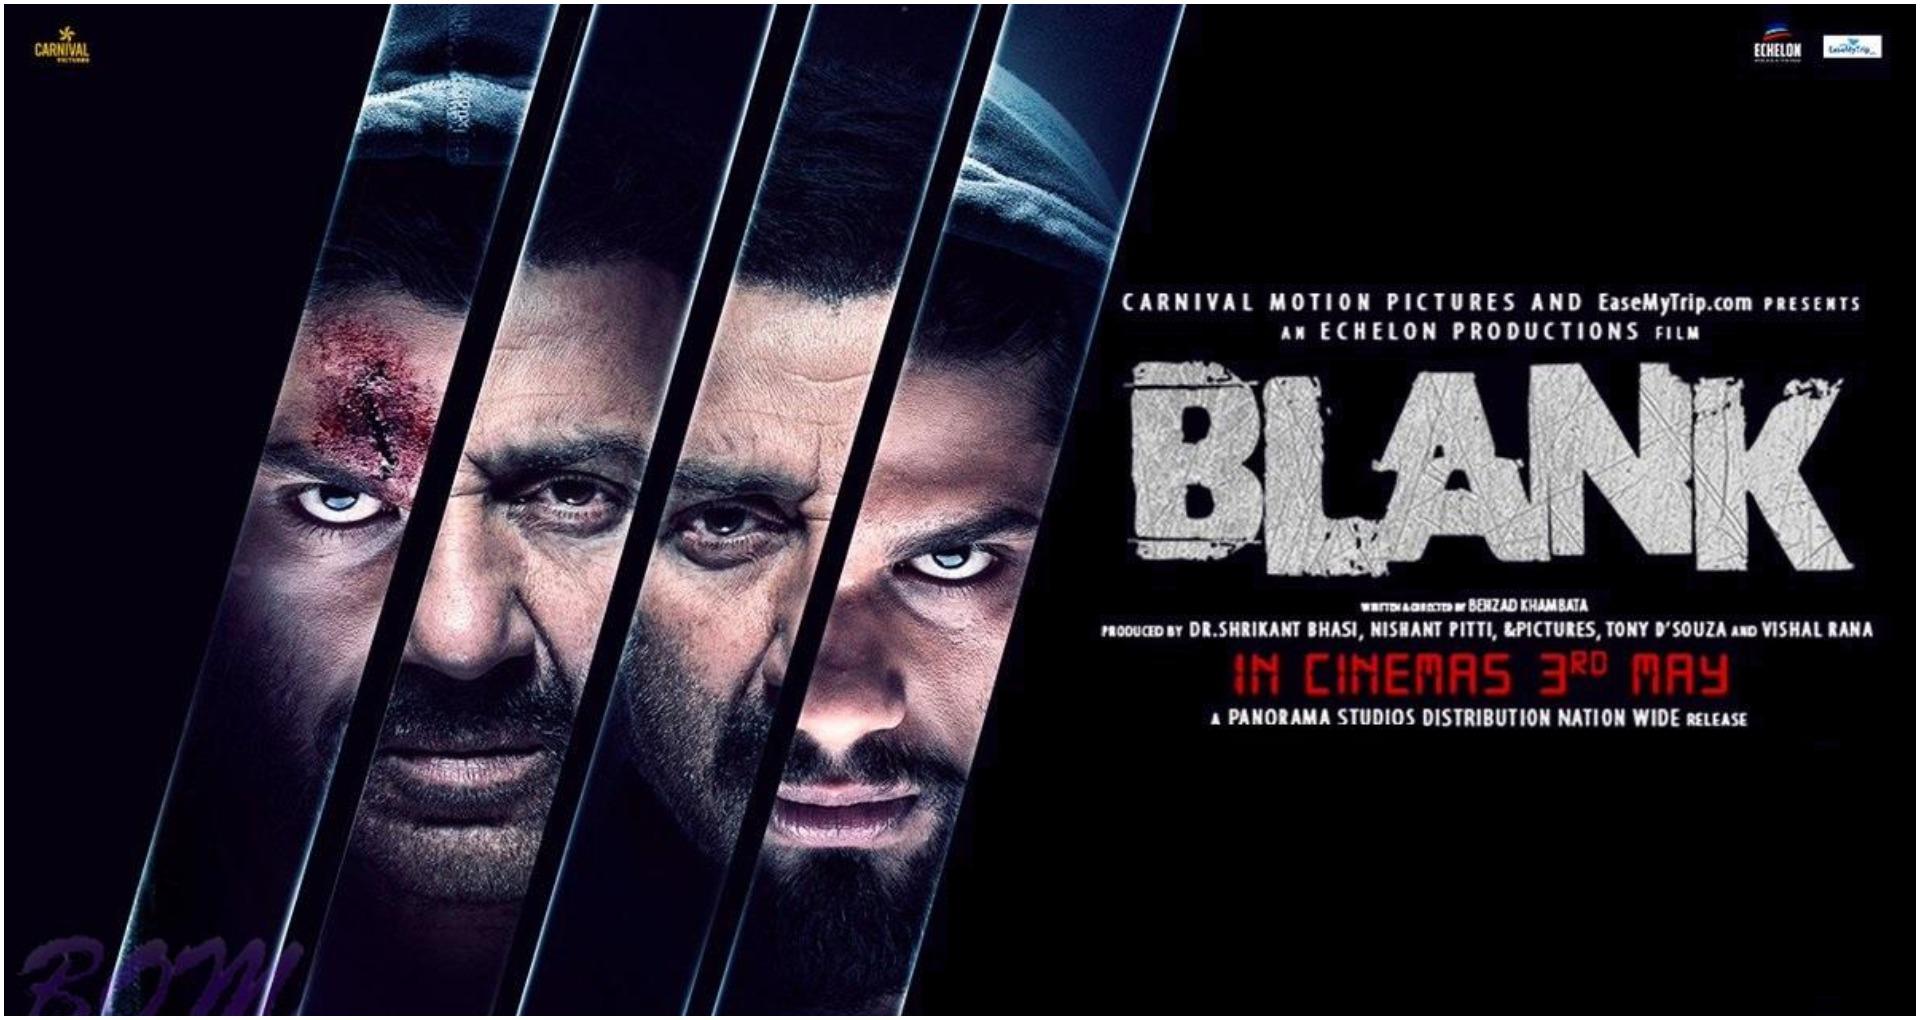 ब्लैंक मूवी रिव्यू: सनी देओल के एक्शन ने मचाया गदर, कमजोर कहानी के बीच करण कपाड़िया की जबरदस्त एक्टिंग